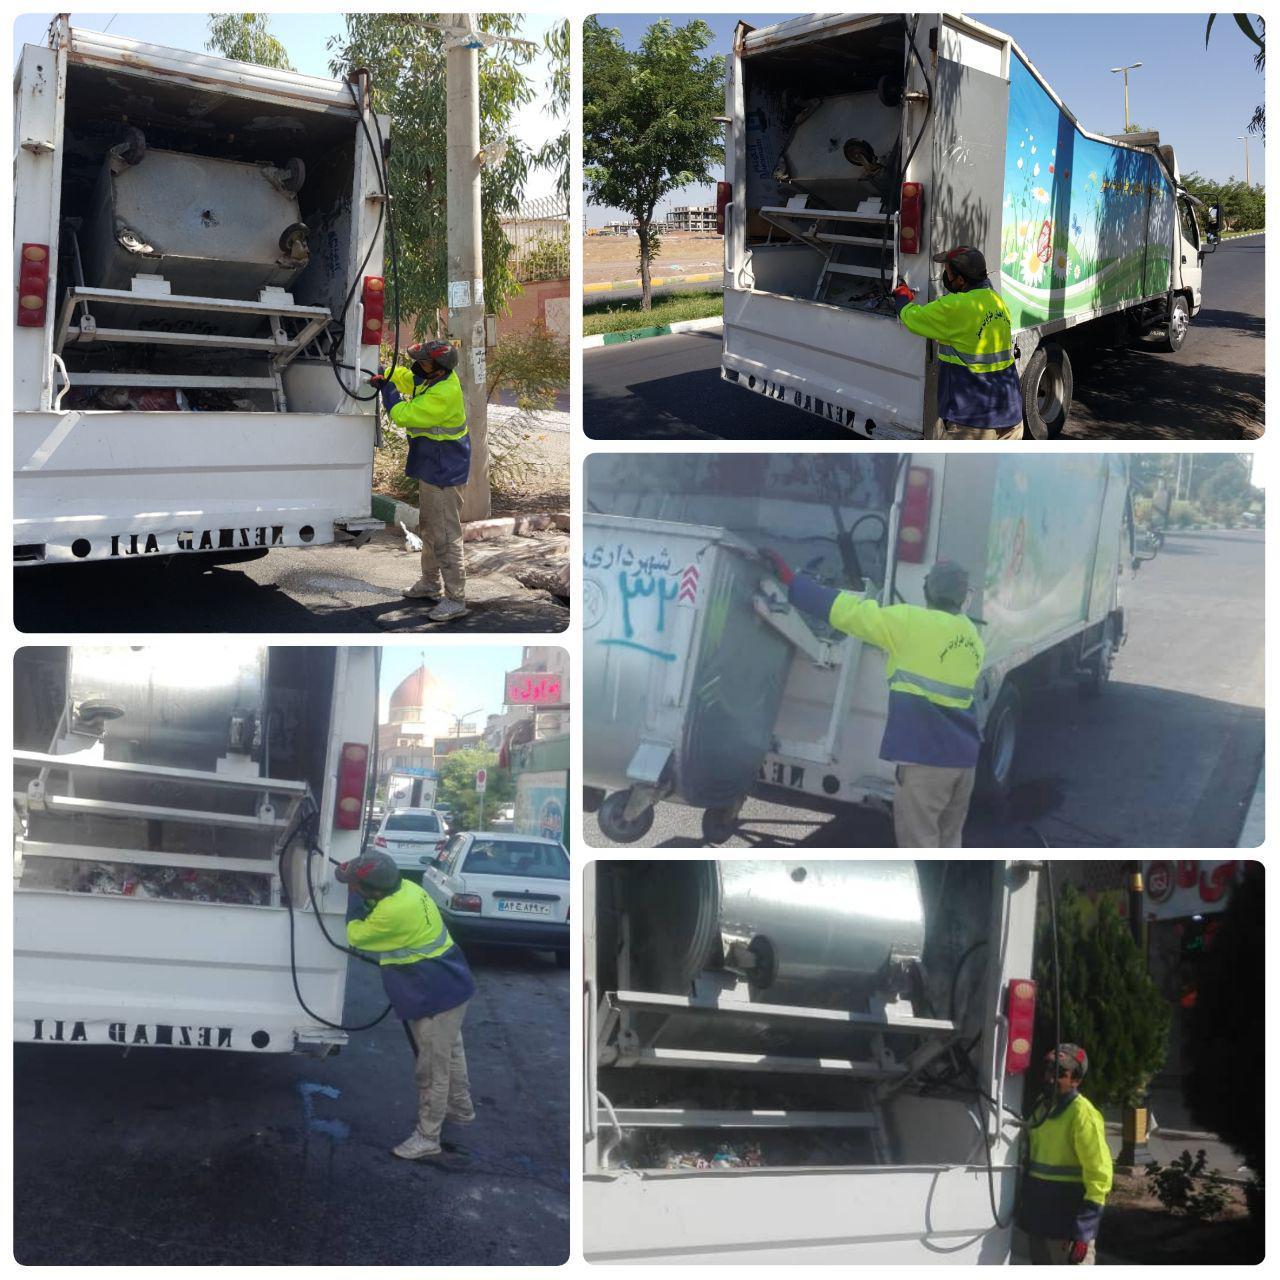 اجرای طرح پاکسازی و شستشوی مکانیزه باکس های زباله در فاز ۲ شهر پرند